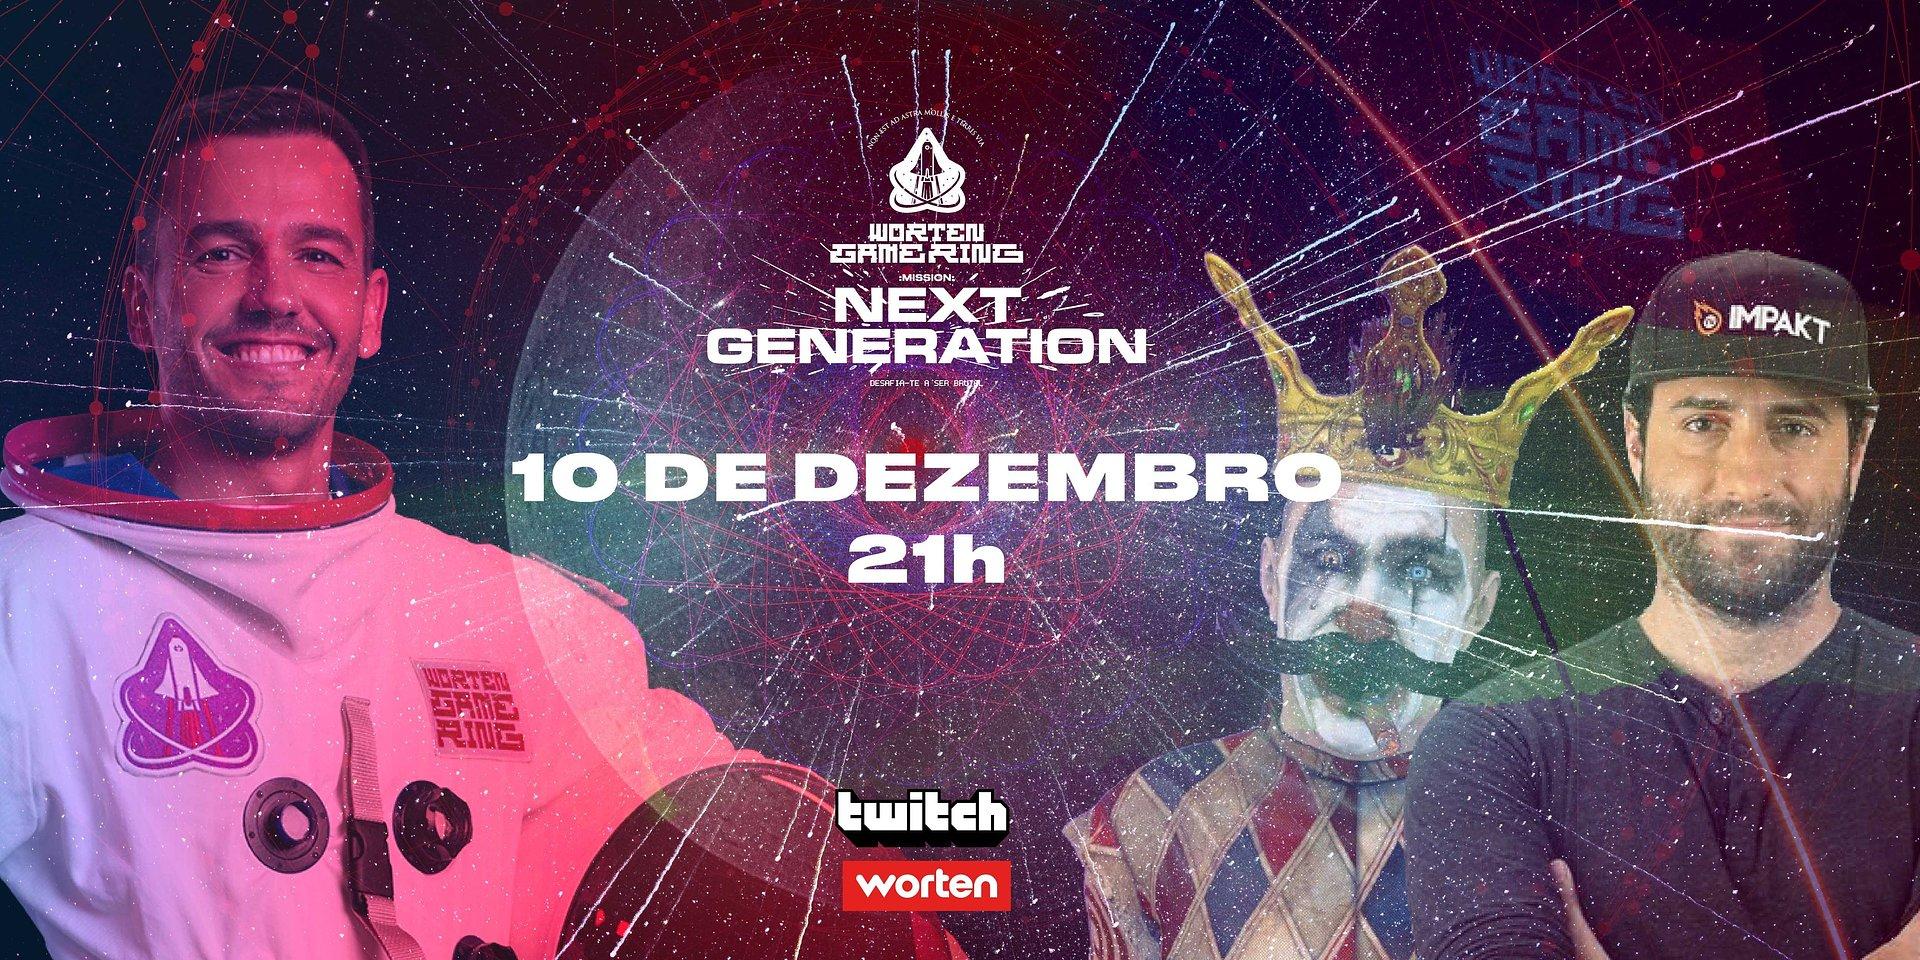 """""""WORTEN GAME RING MISSION: NEXT GENERATION"""" APRESENTA VENCEDOR DE GRANDE PRÉMIO COM EMISSÃO ESPECIAL NA TWITCH"""